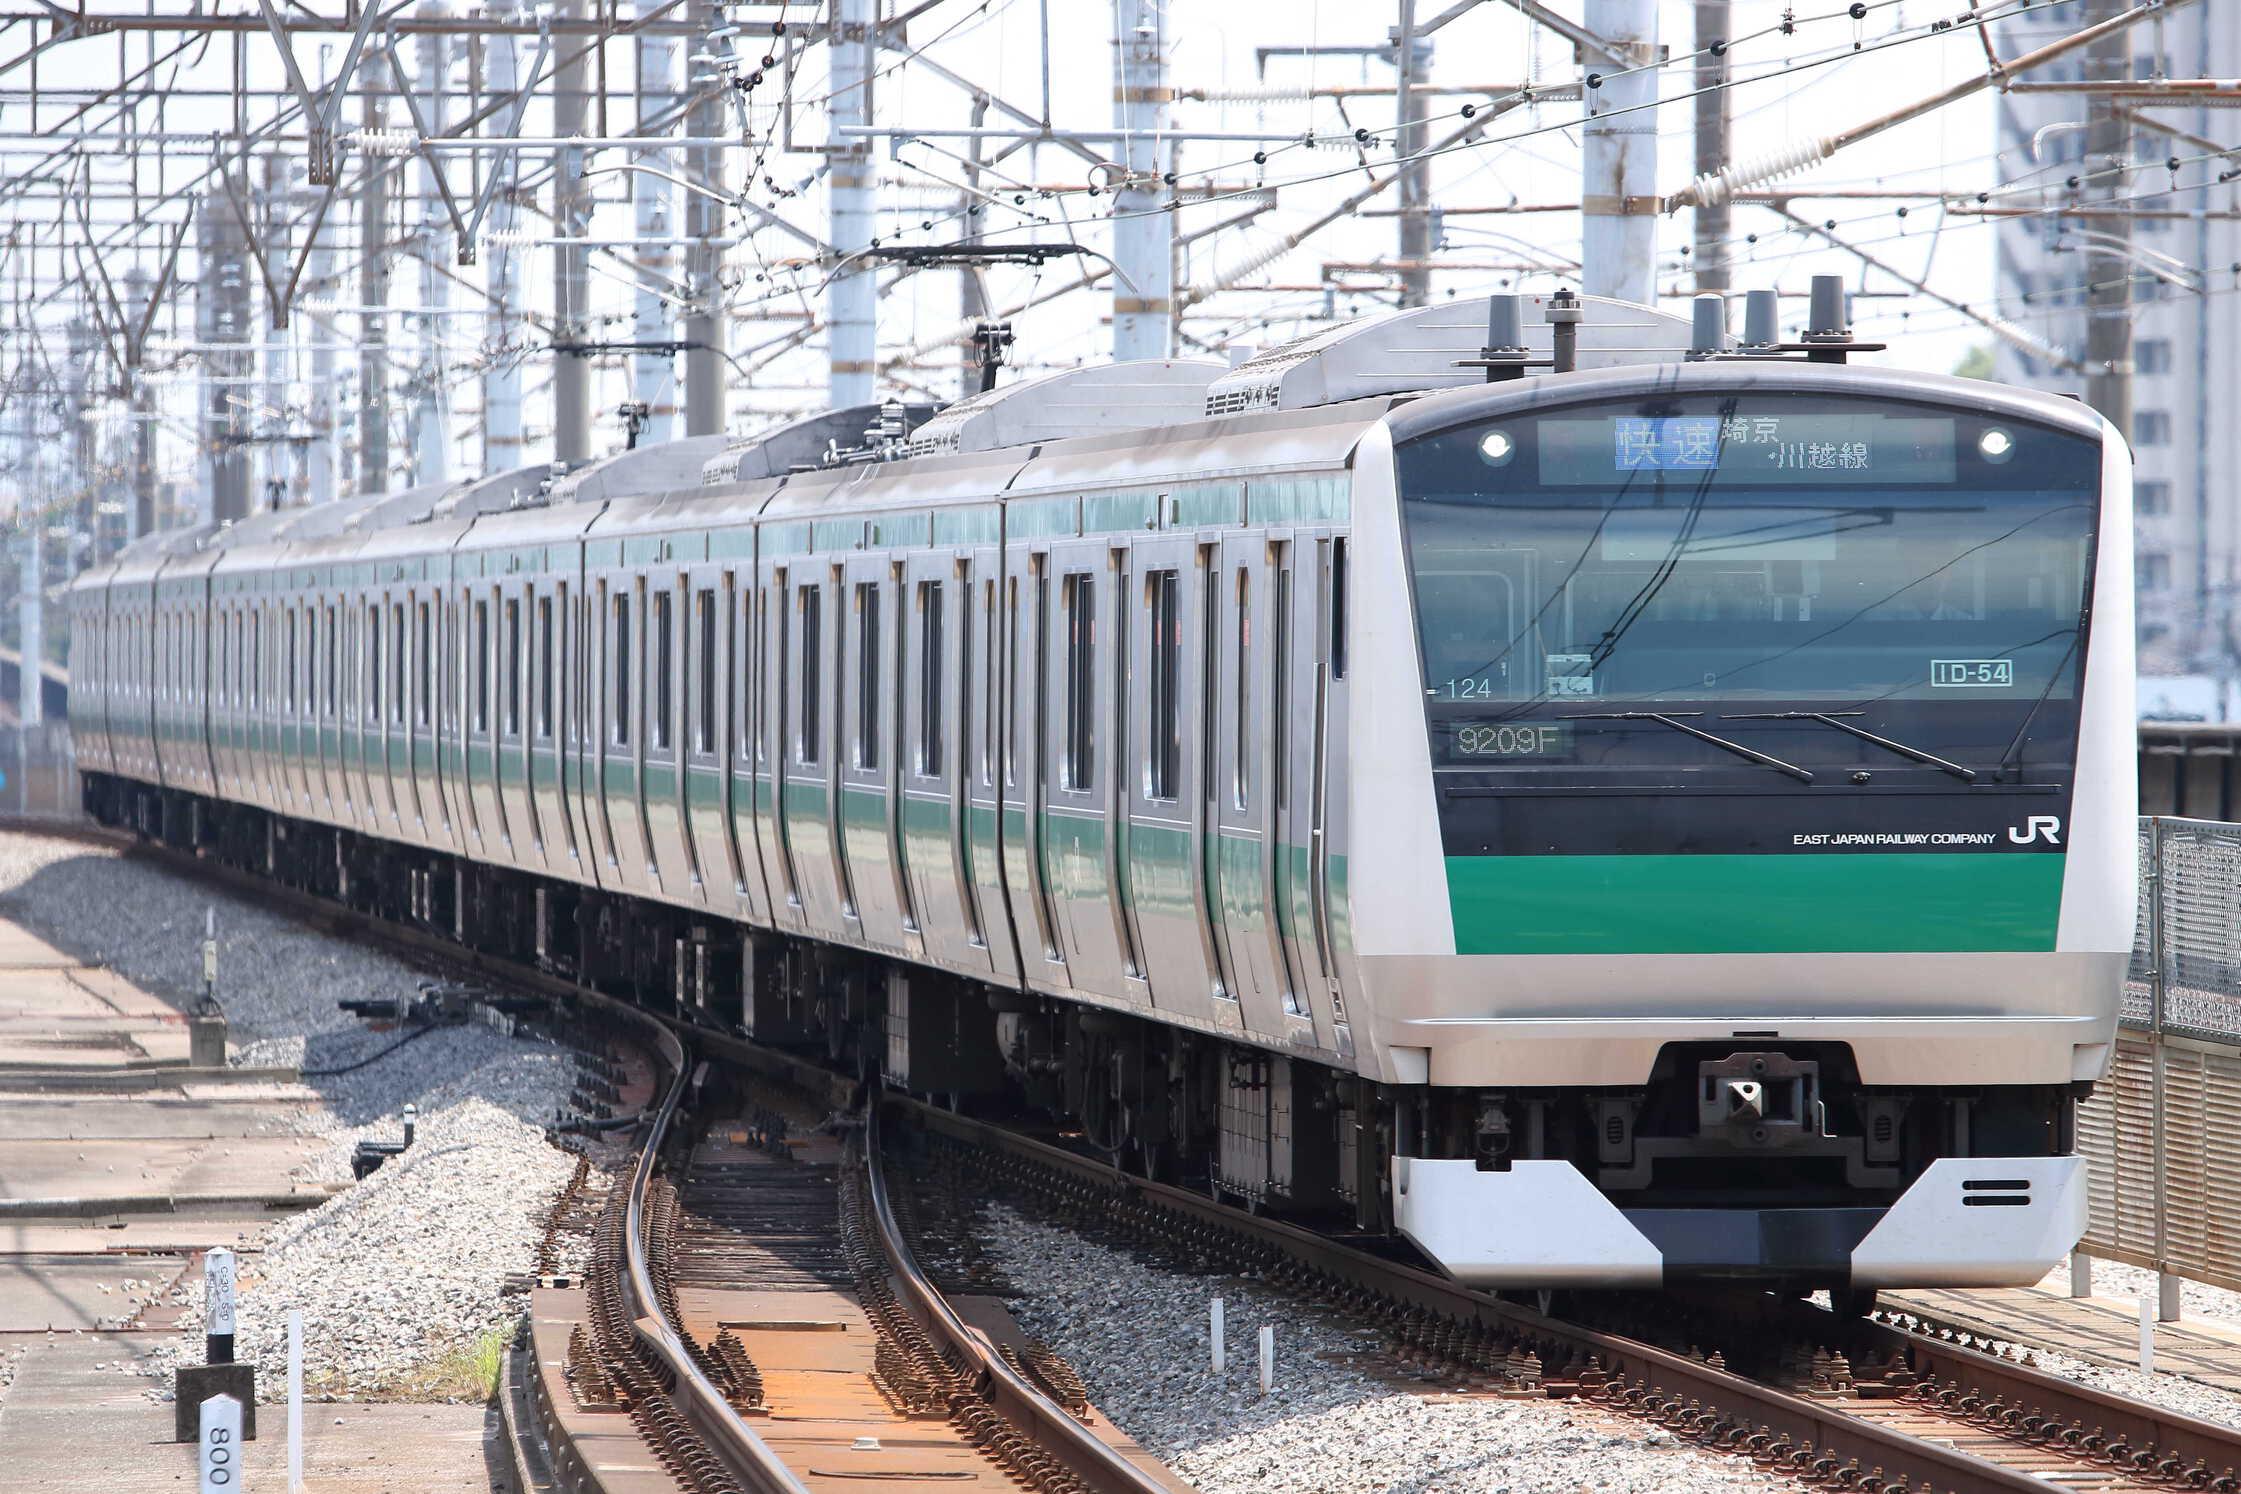 9209F(シク〜ハエ) 渋谷駅線路切り替え工事に伴う臨時列車 E233系 宮ハエ124編成